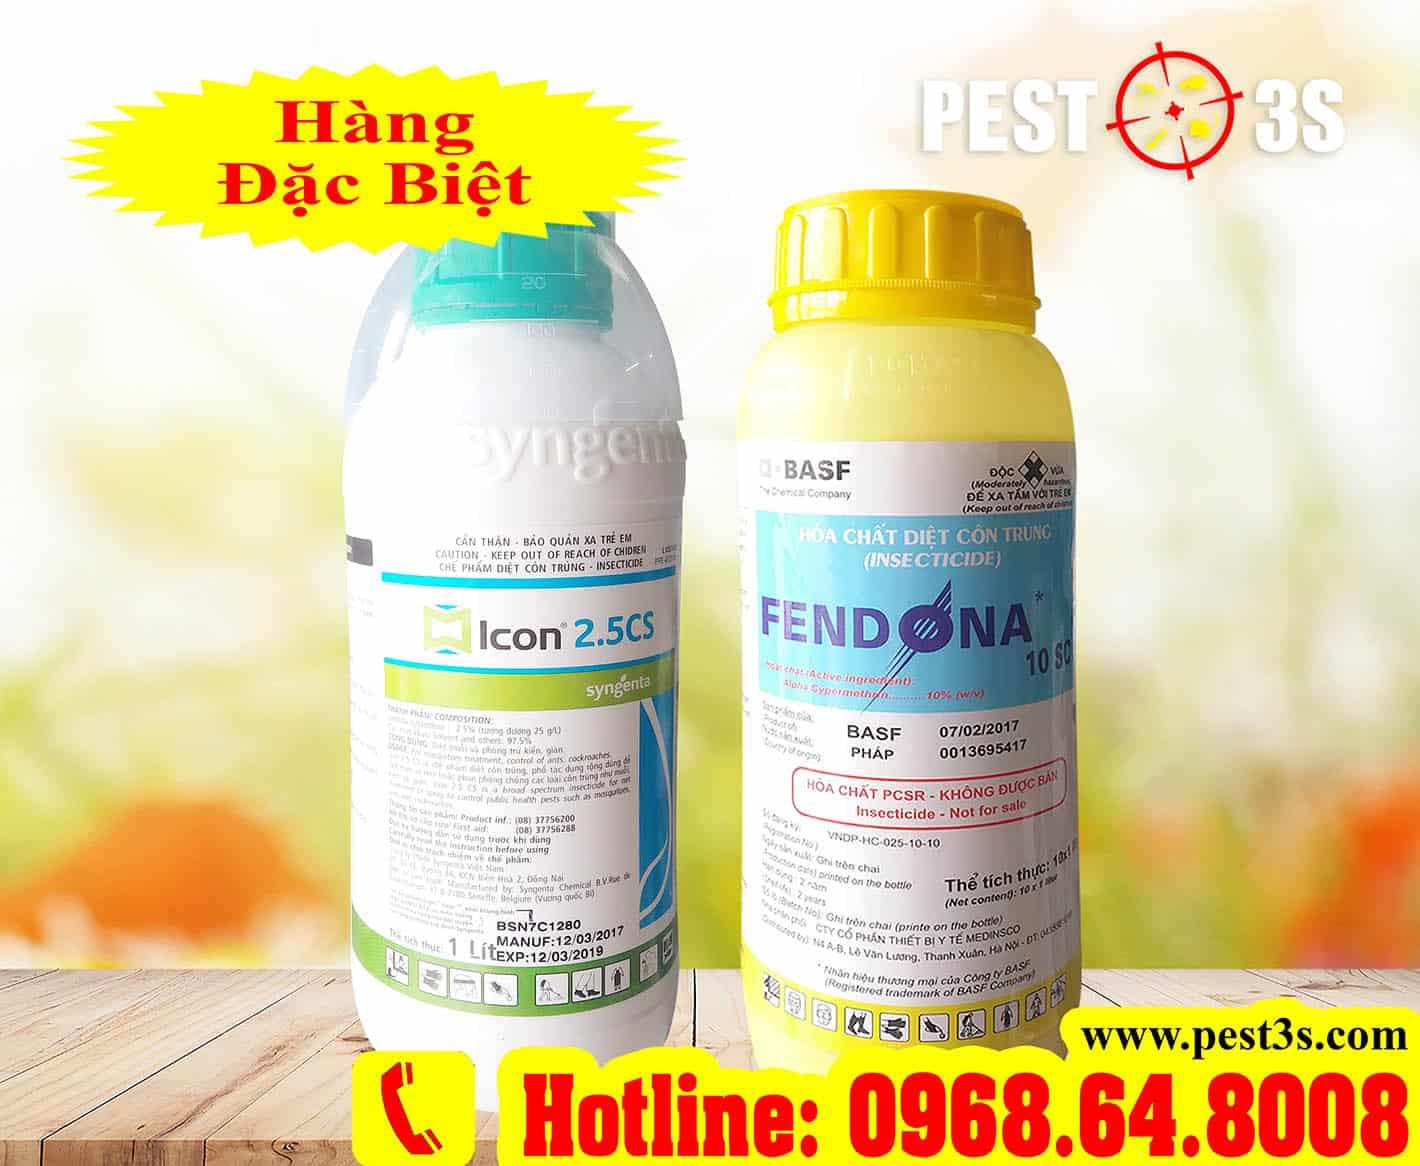 Hóa chất diệt côn trùng Fendona 10SC, Icon 2,5CS